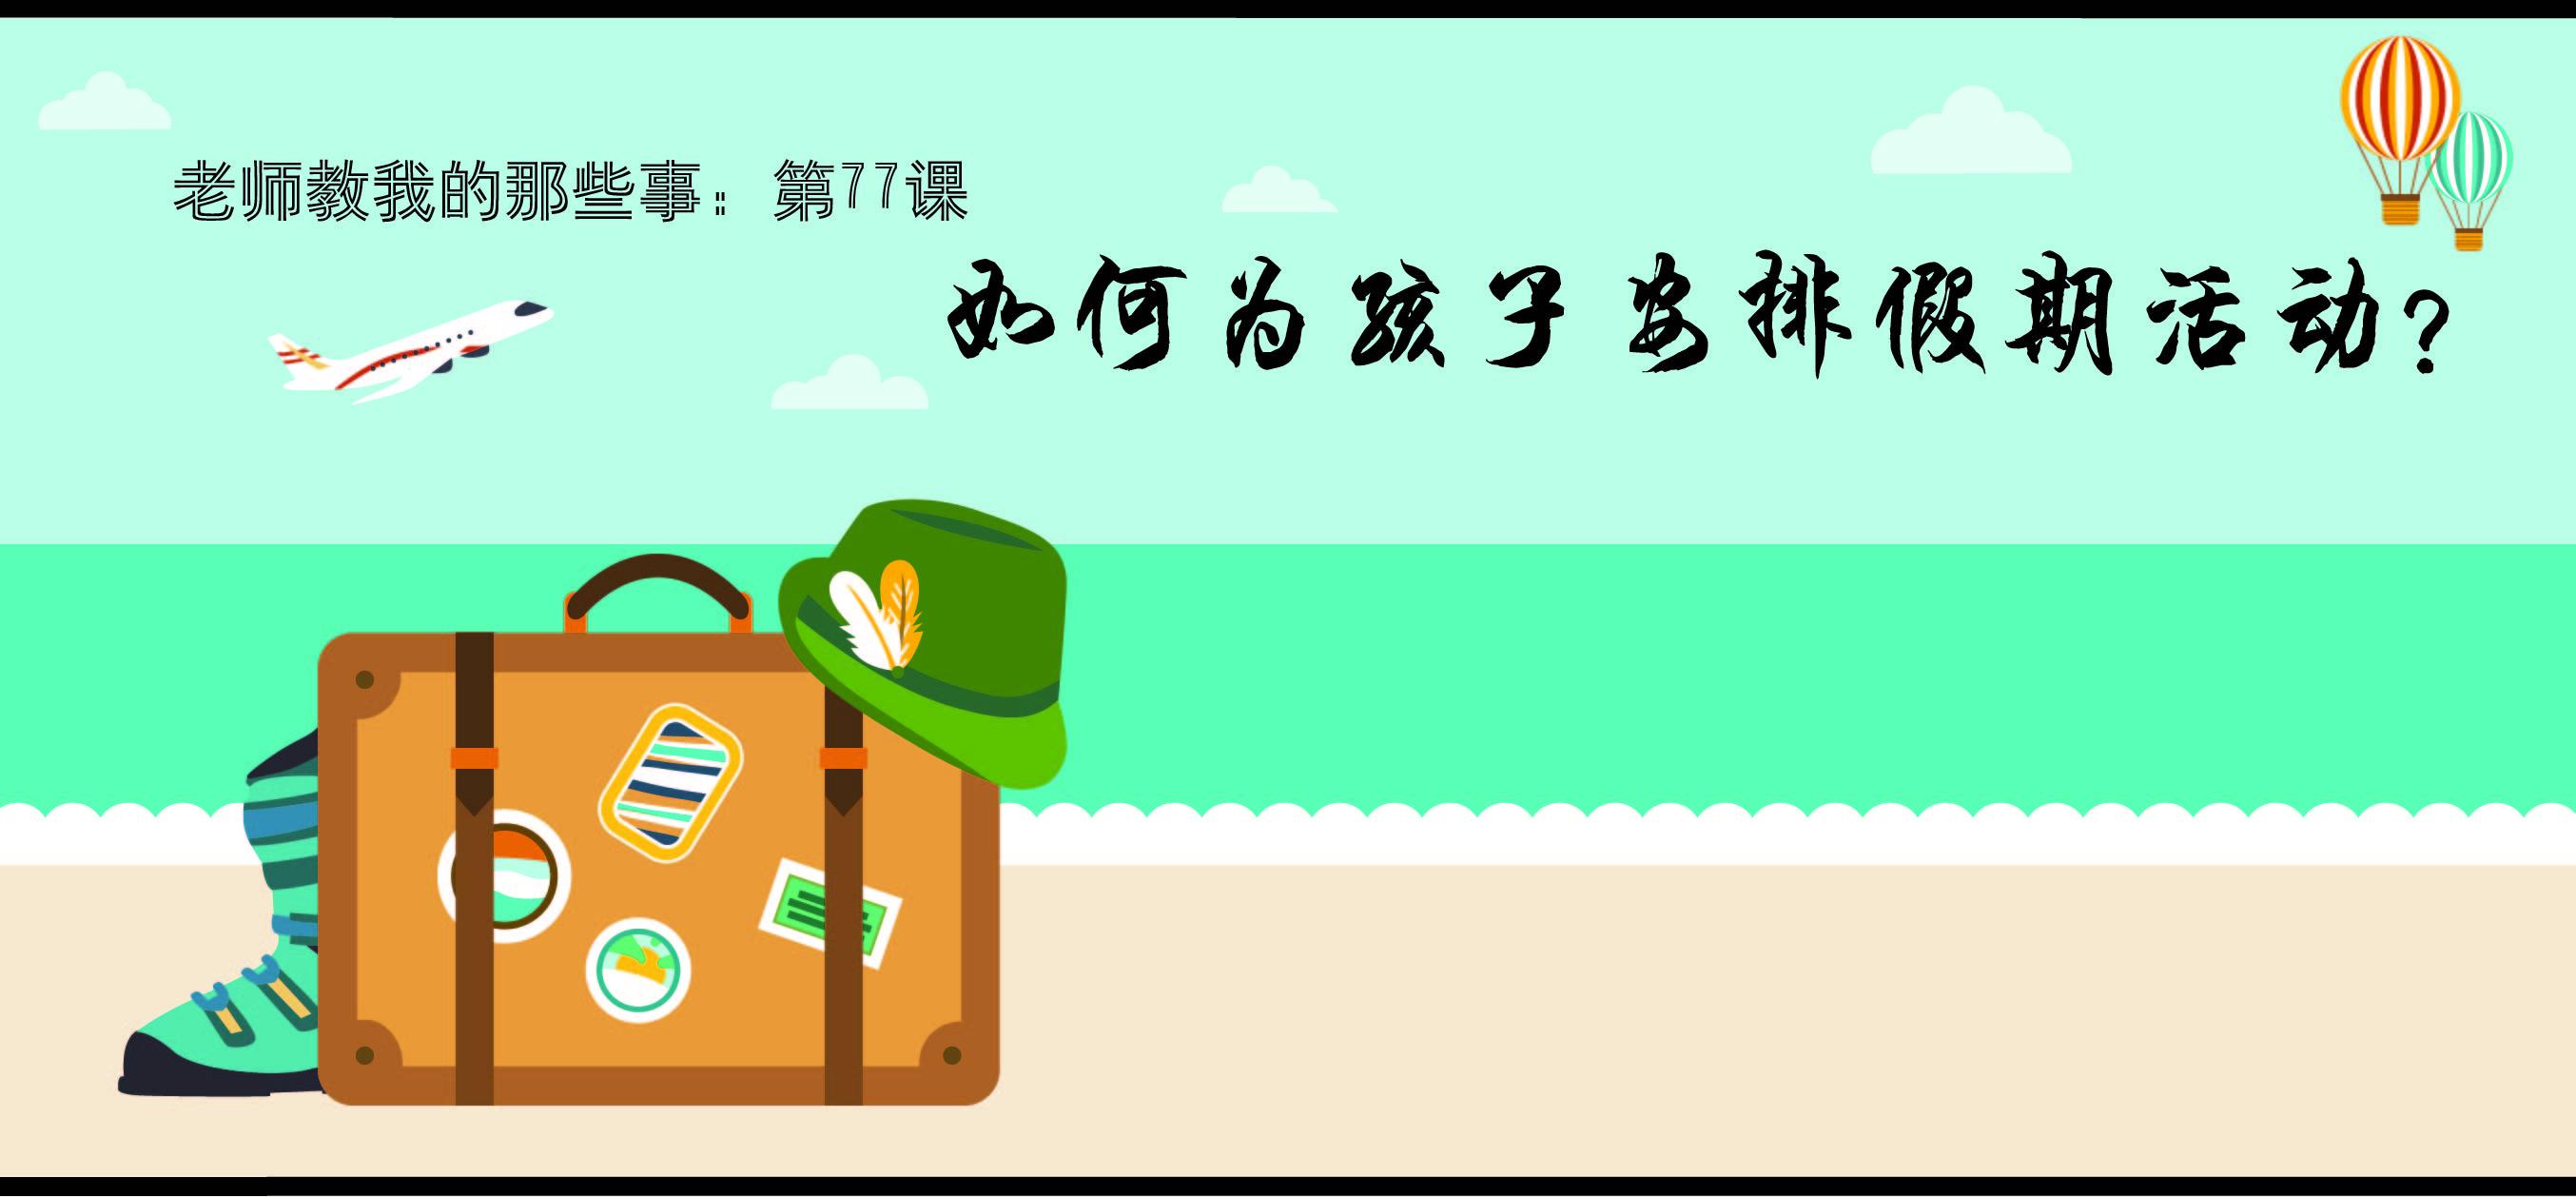 第77课: 如何为孩子安排假期活动?